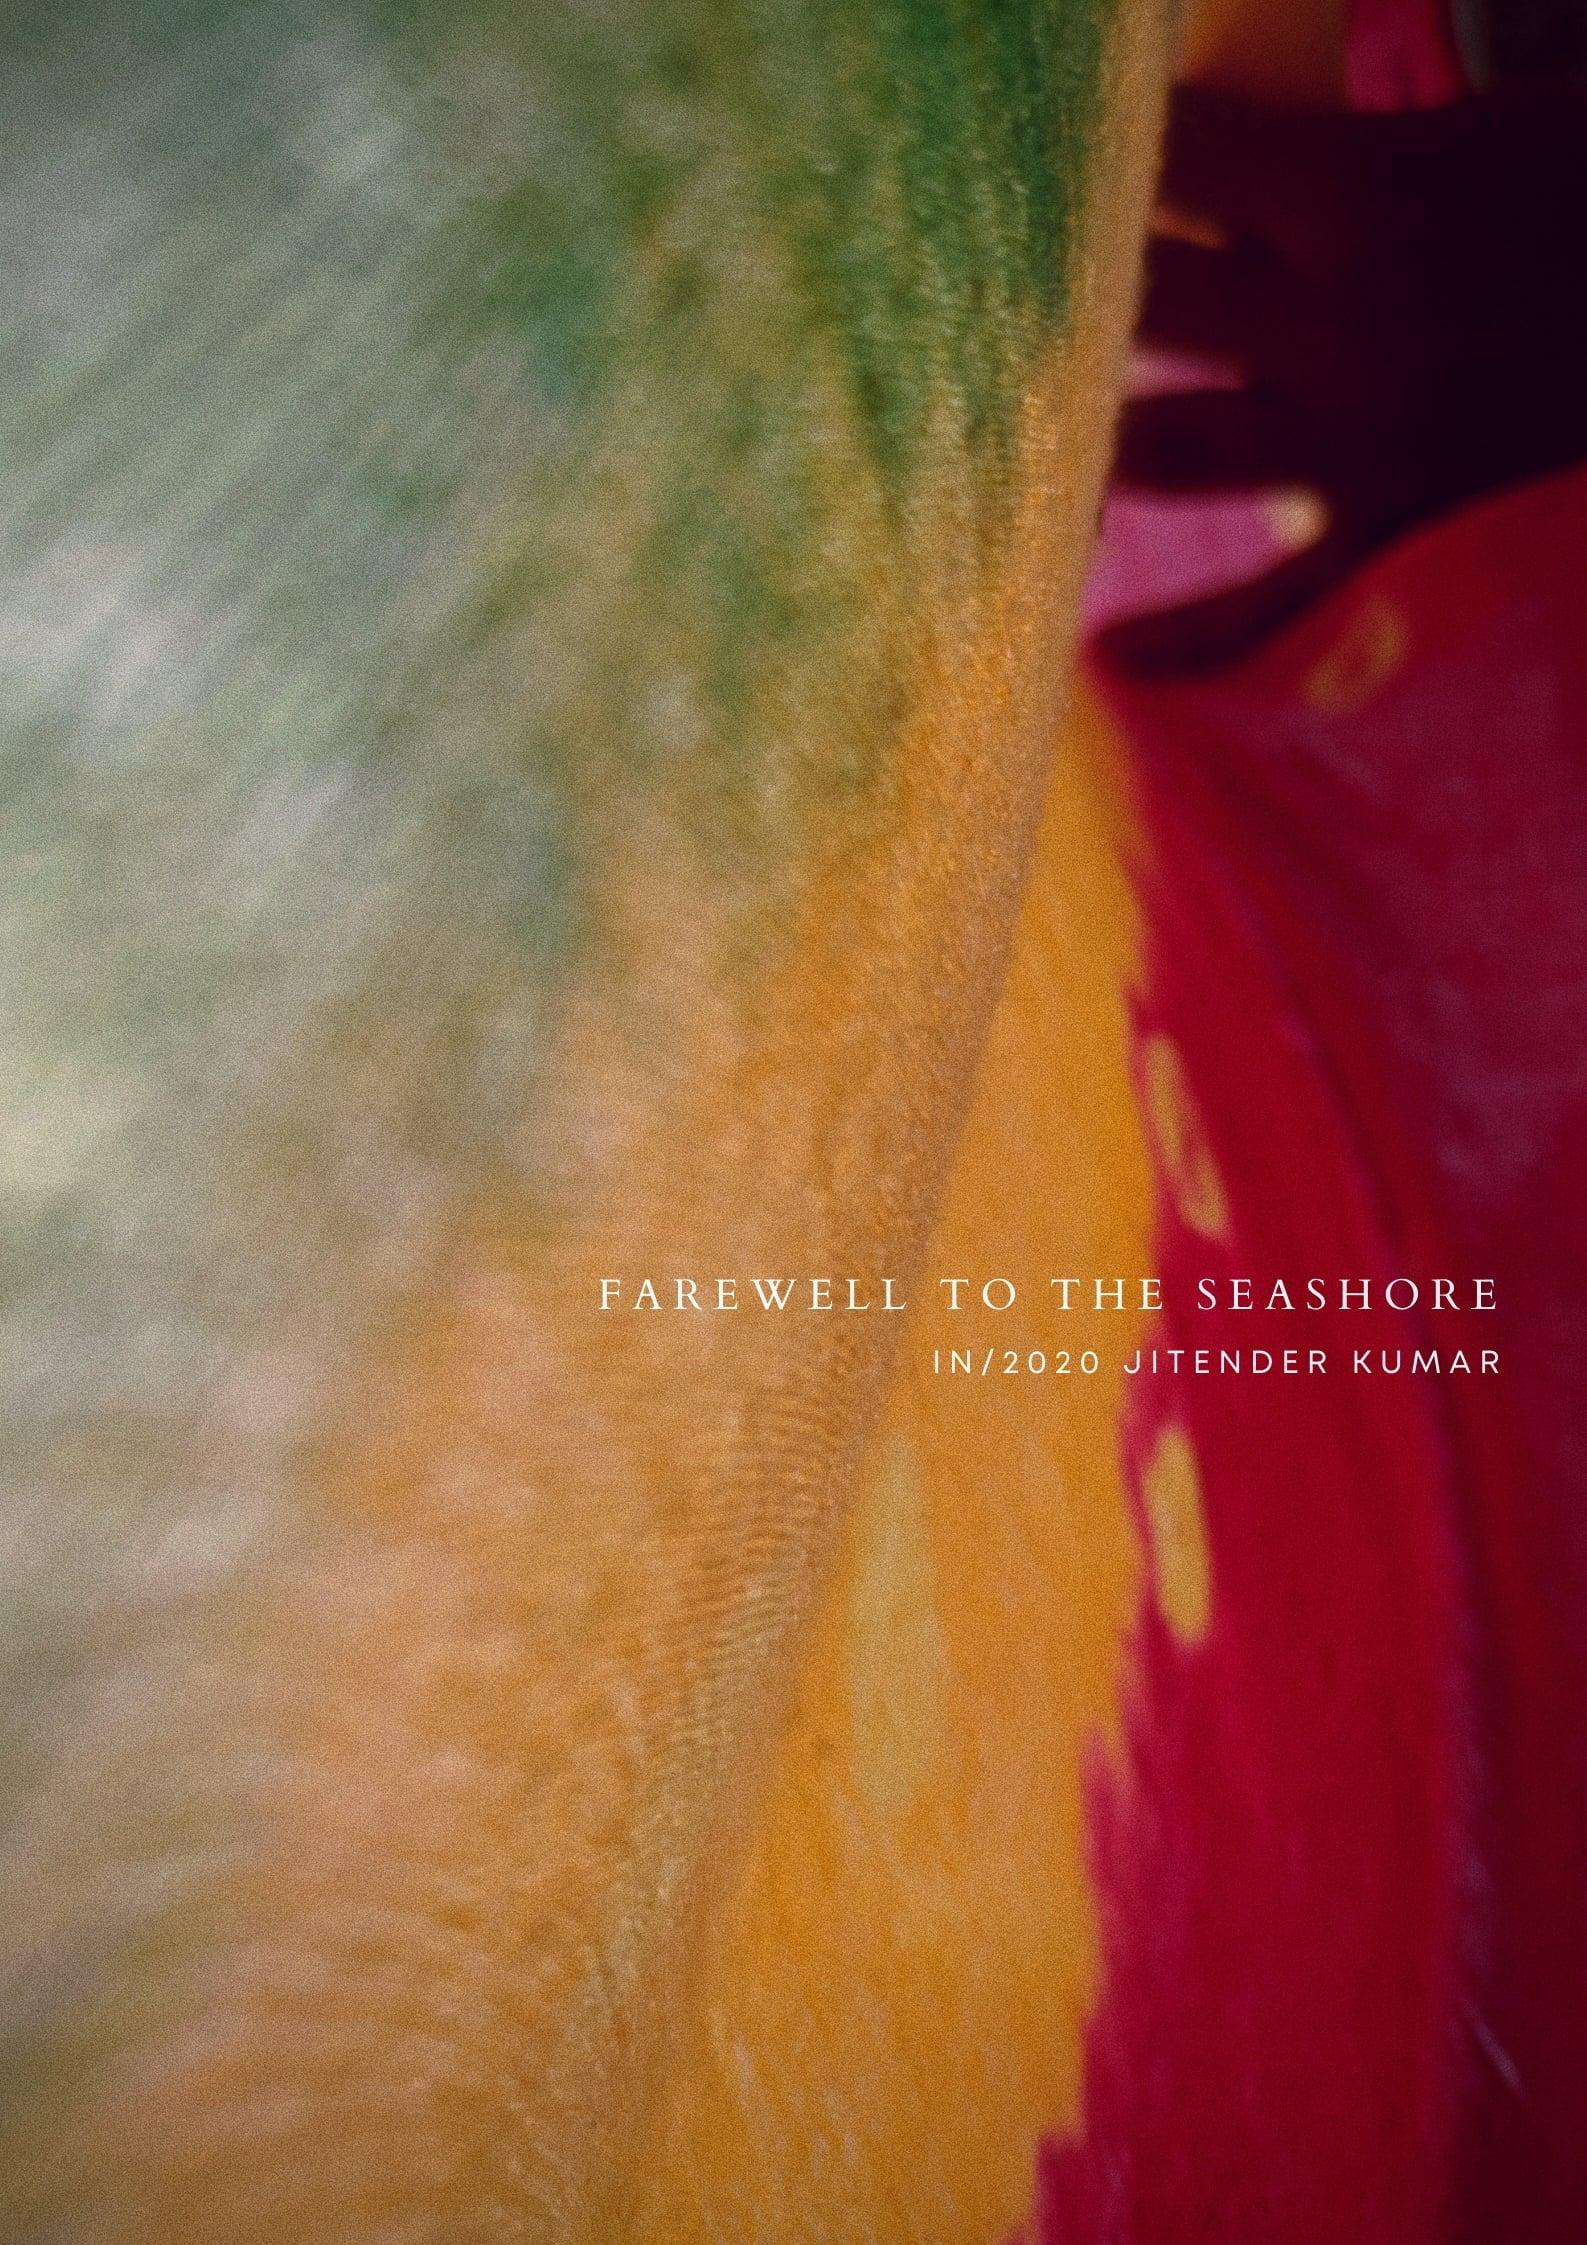 Farewell to the Seashore